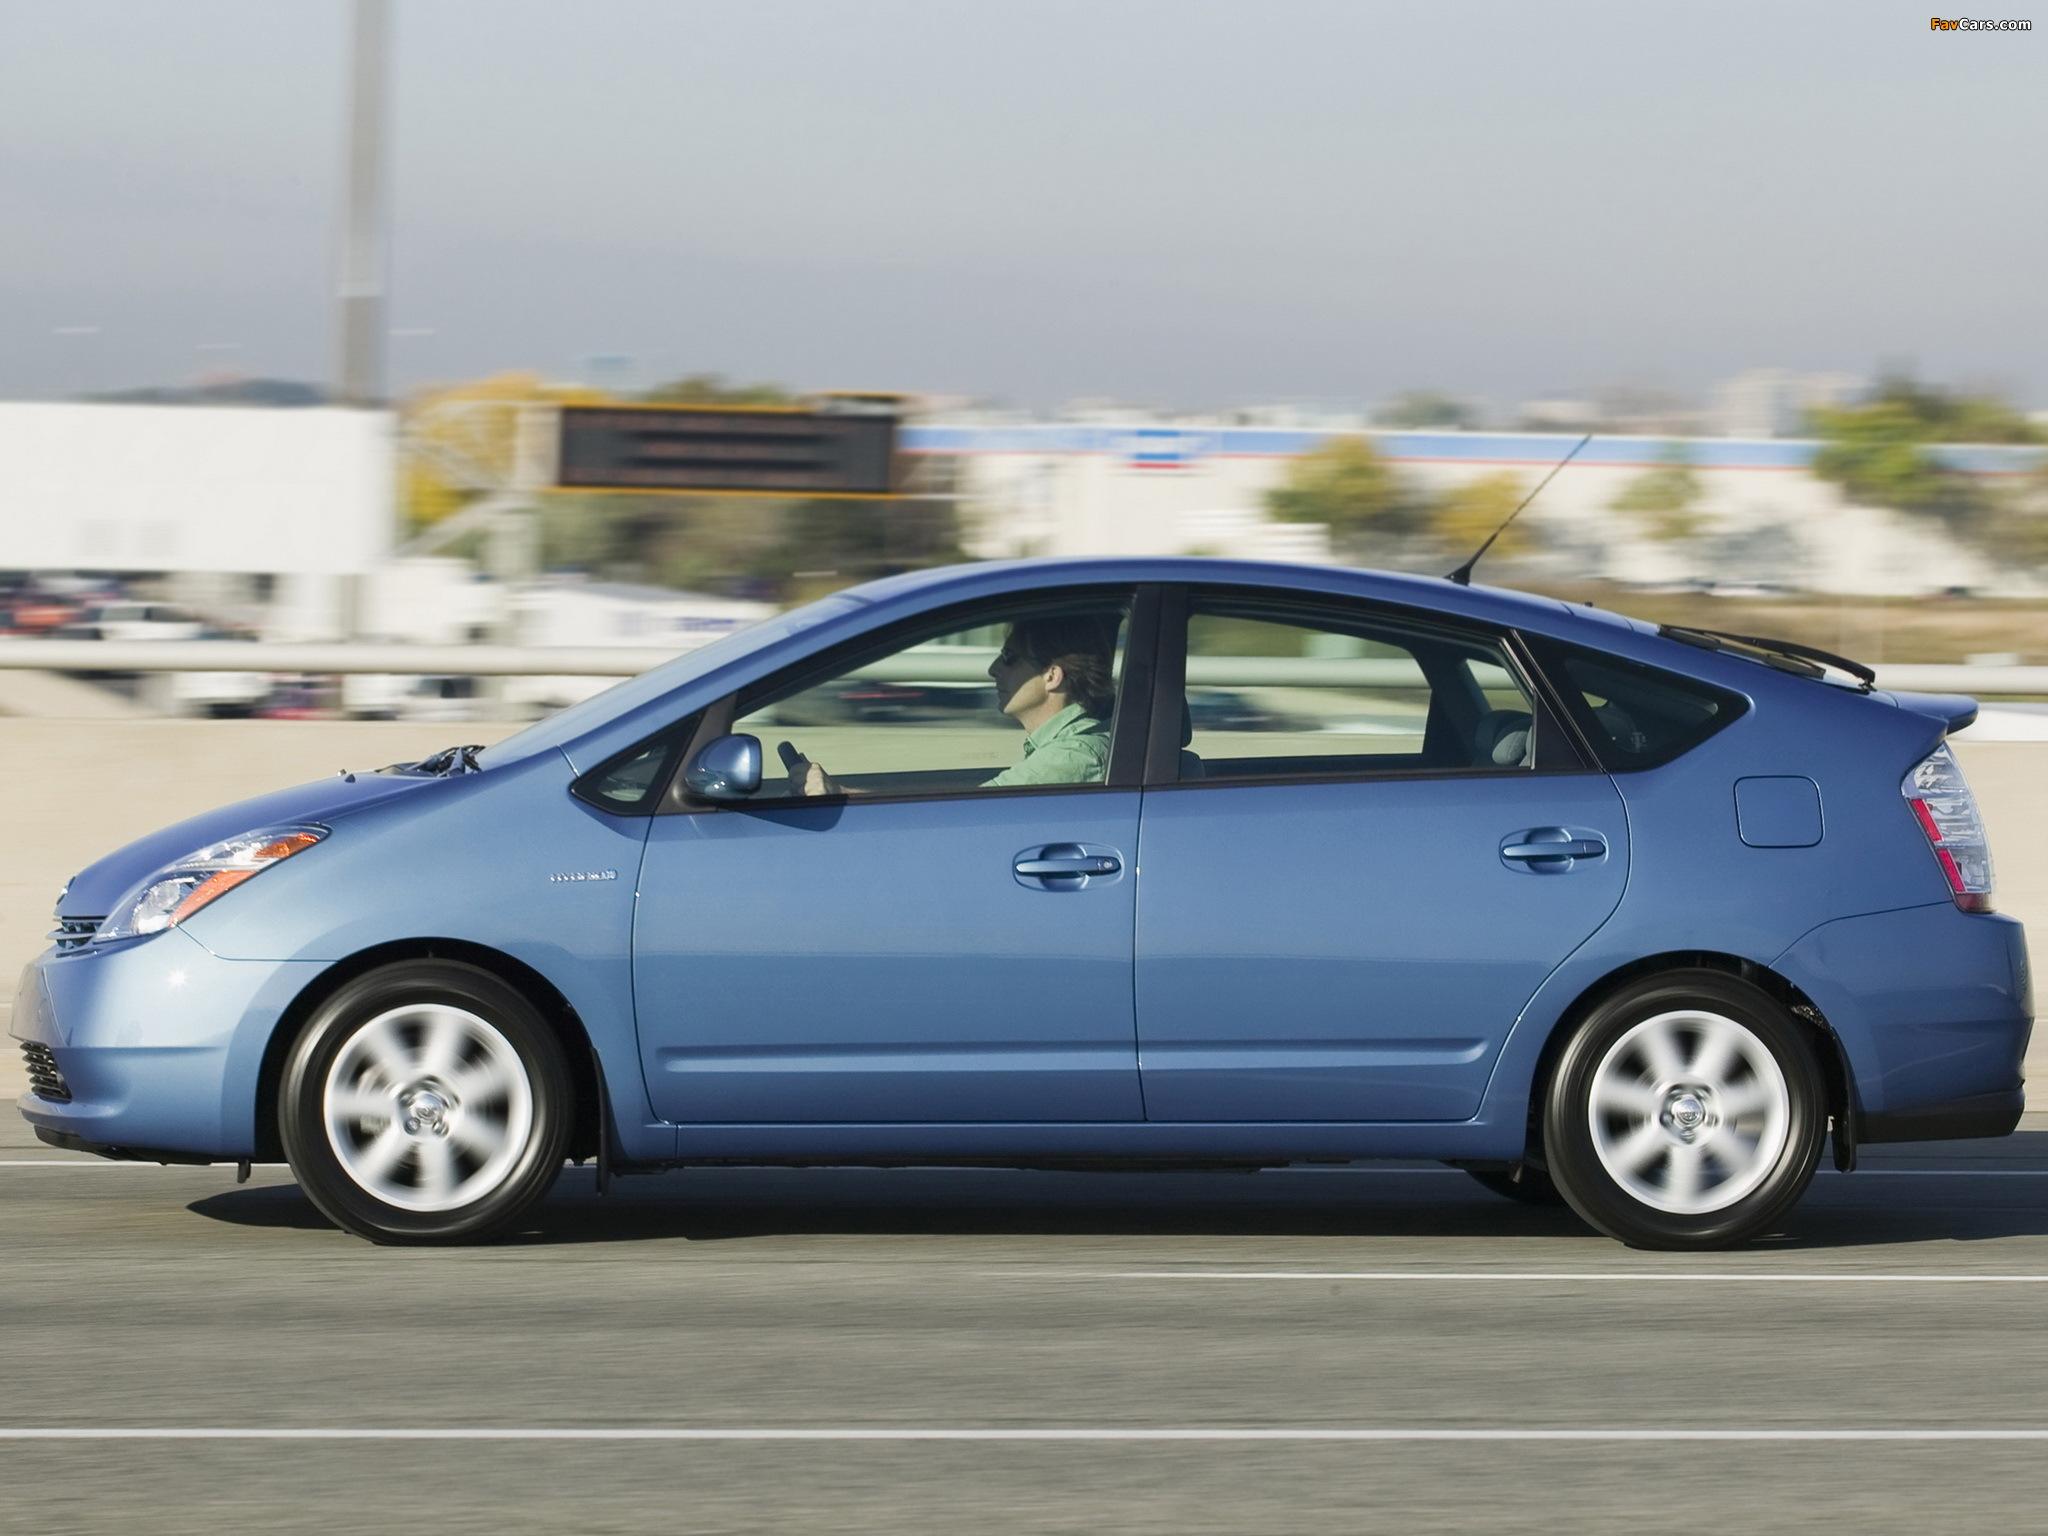 estima.su | Toyota Estima Hybrid ultimate site.